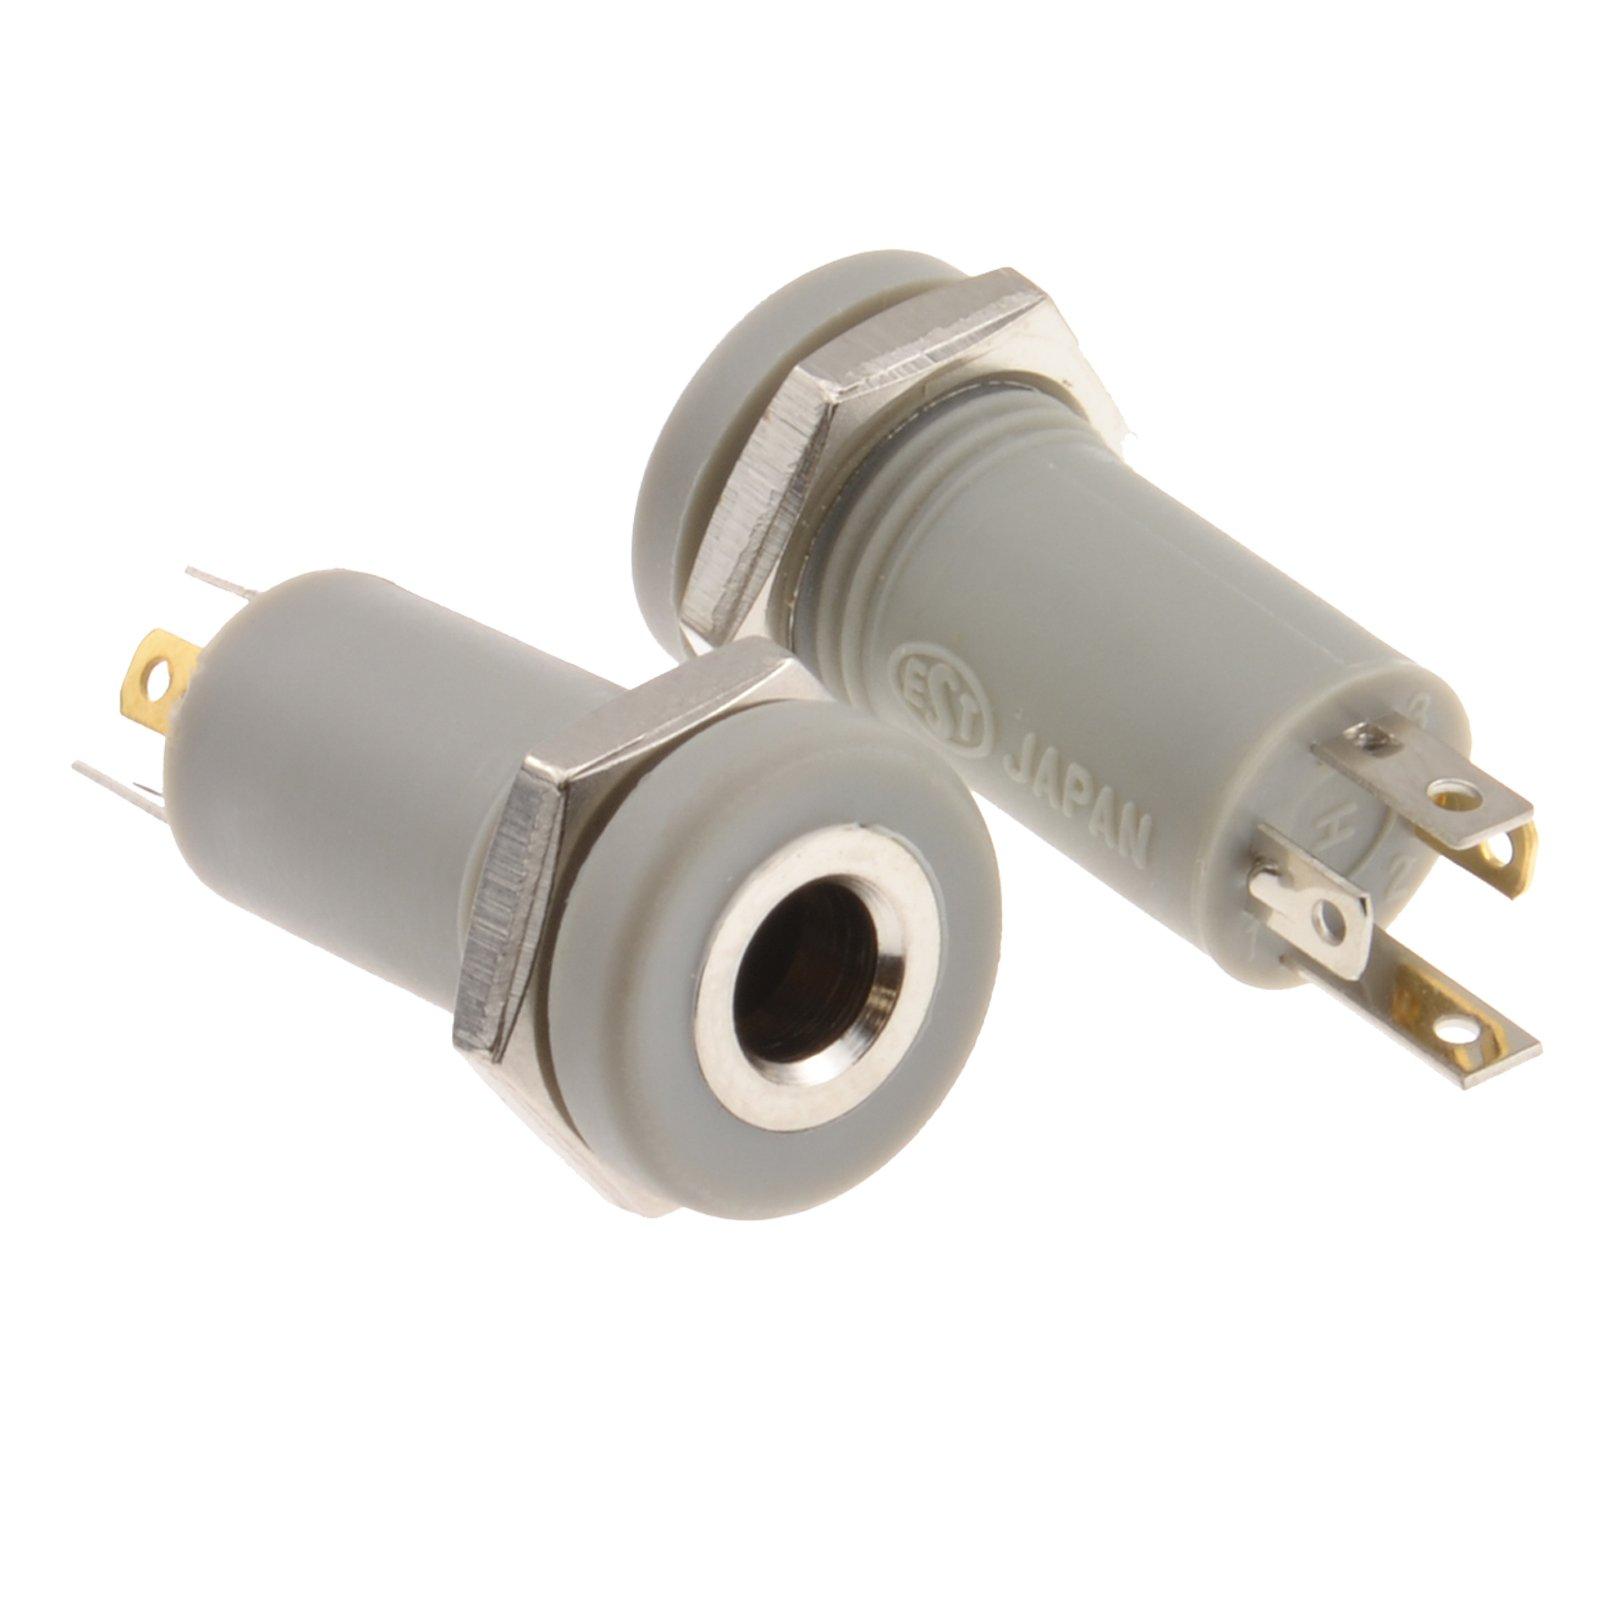 kenable 3.5mm Jack 4 Pole Solder Panel Mount Terminal AV Adapter [2 Pack]